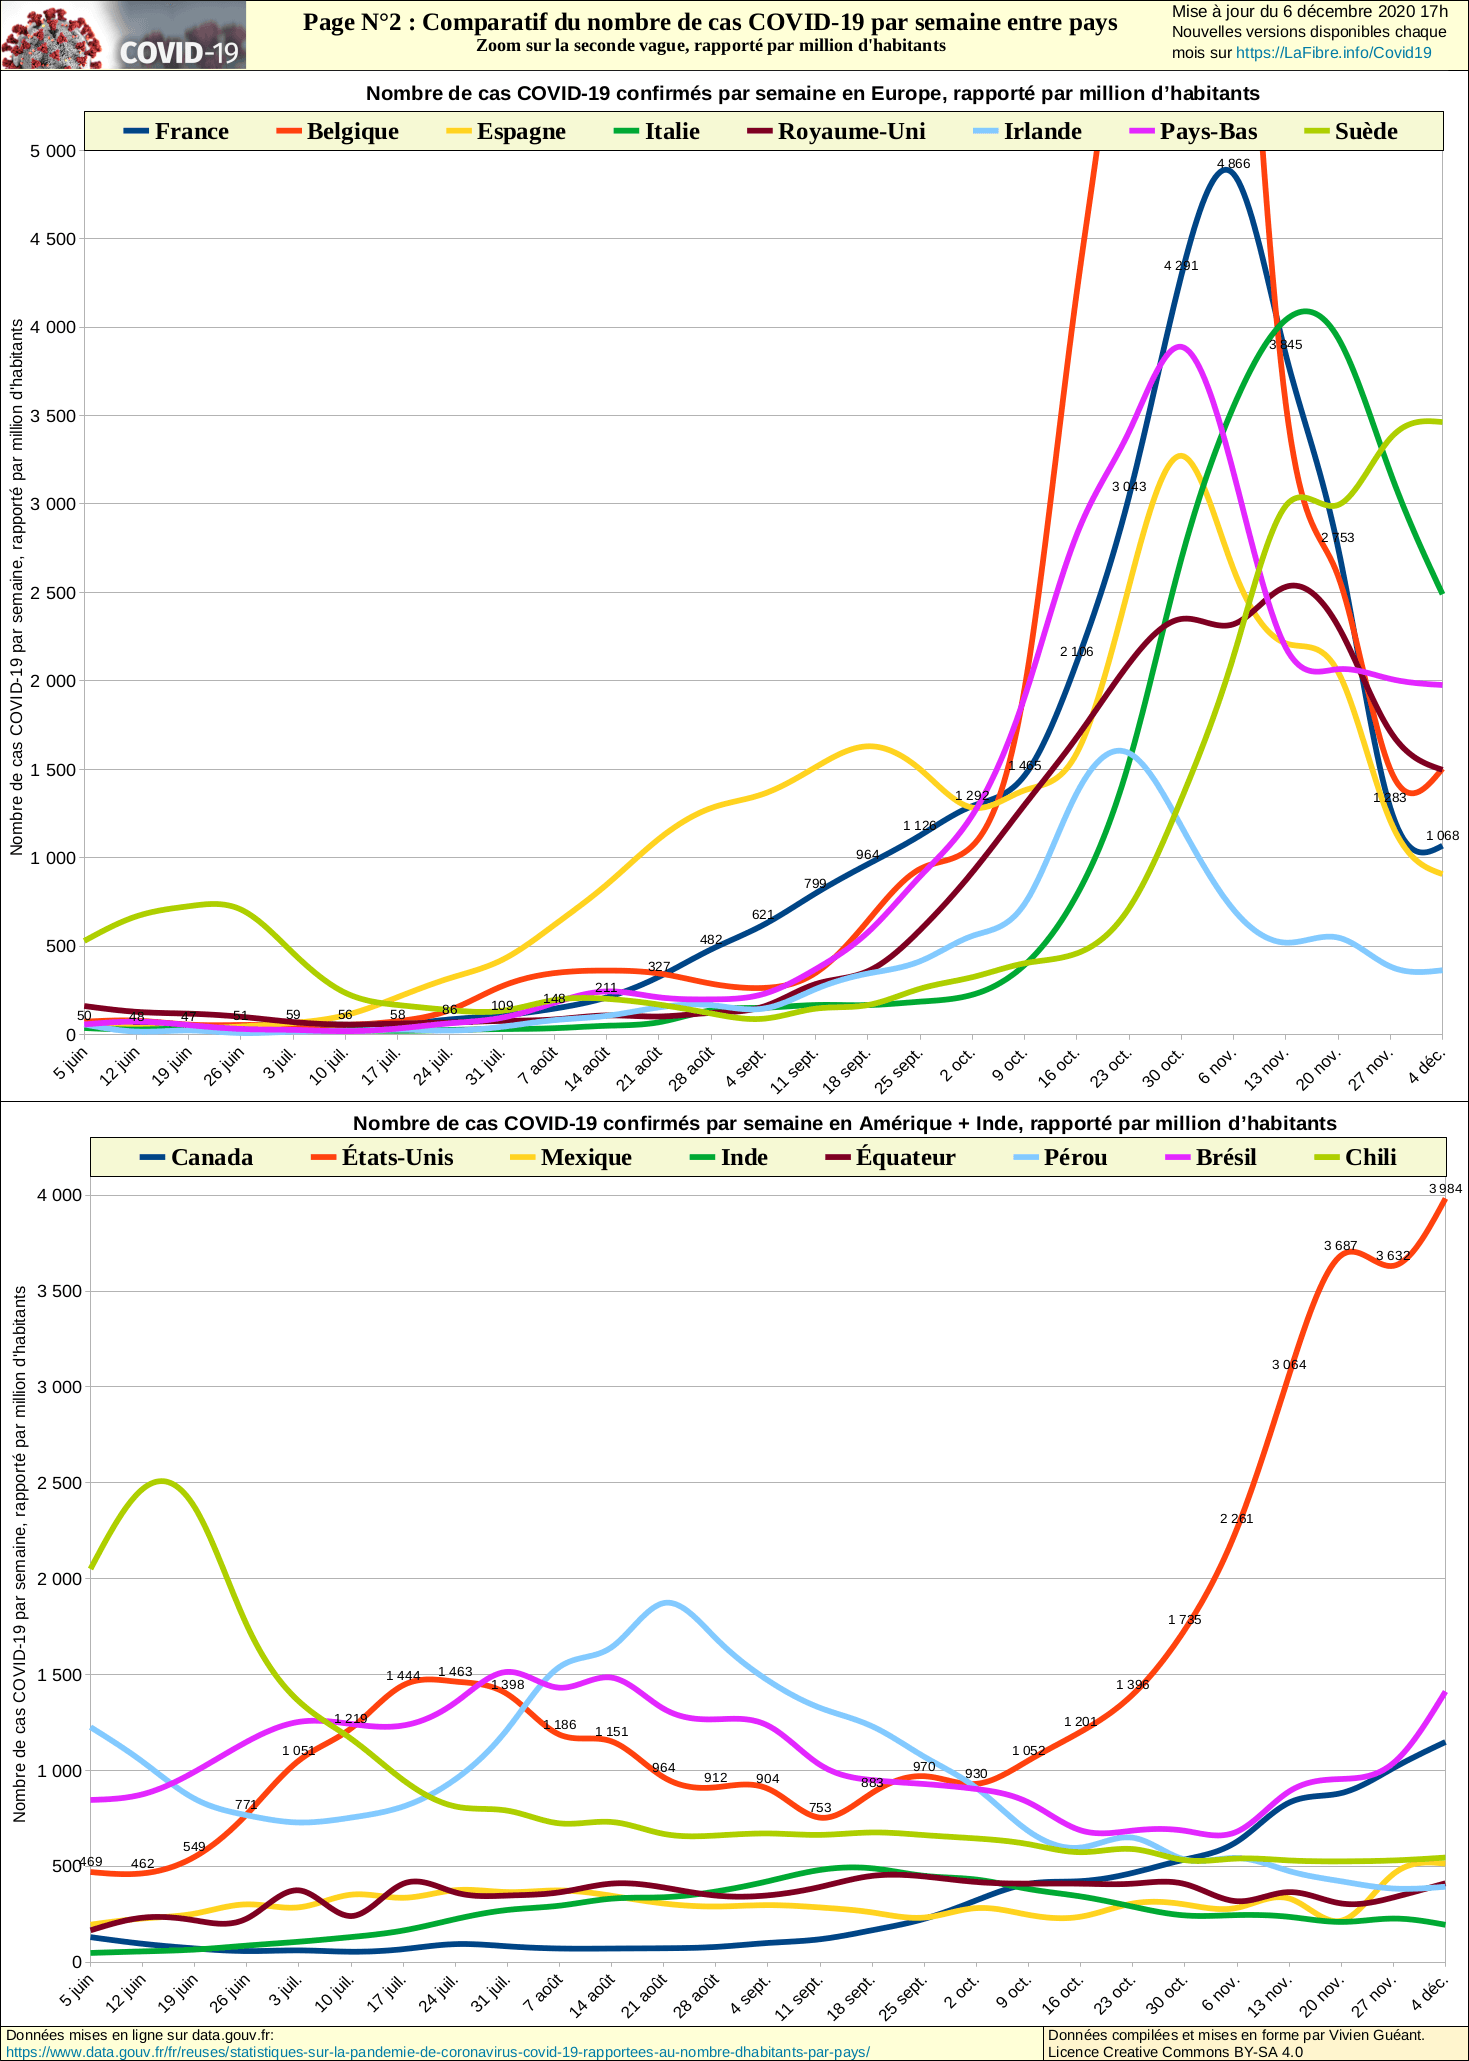 Statistiques Sur La Pandemie De Coronavirus Covid 19 Rapportees Au Nombre D Habitants Par Pays Data Gouv Fr